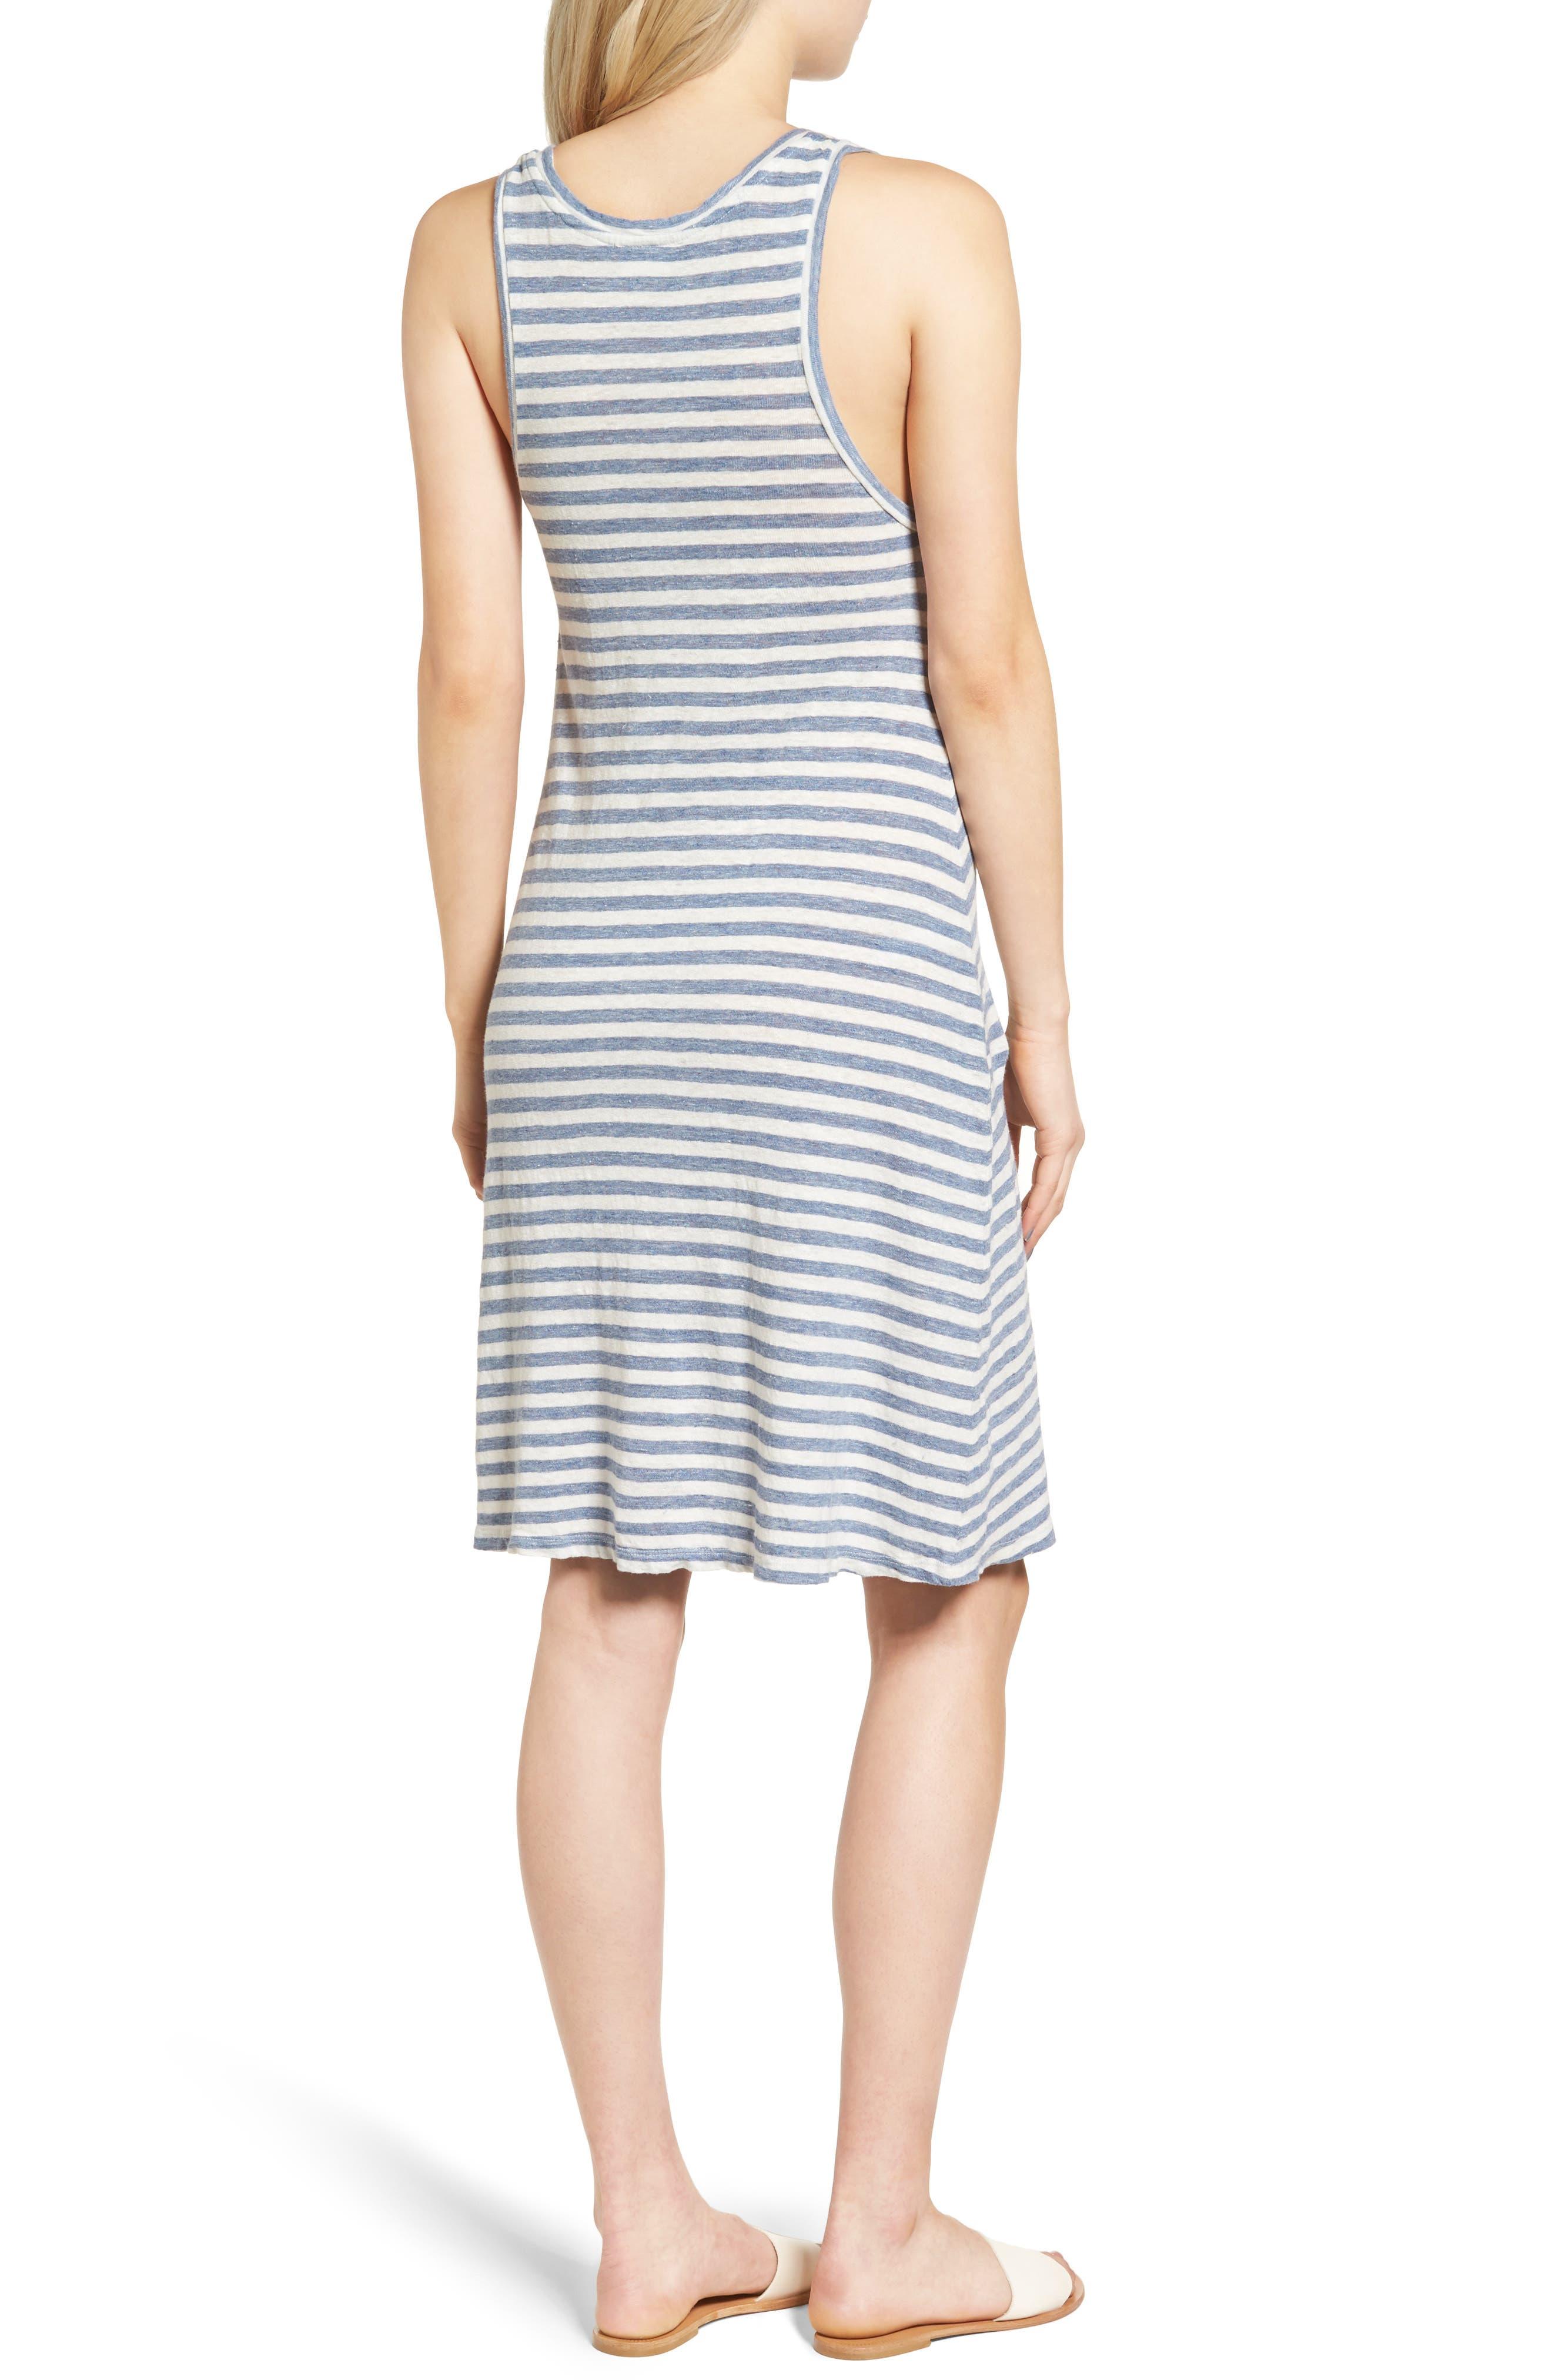 Avril Linen Tank Dress,                             Alternate thumbnail 2, color,                             433